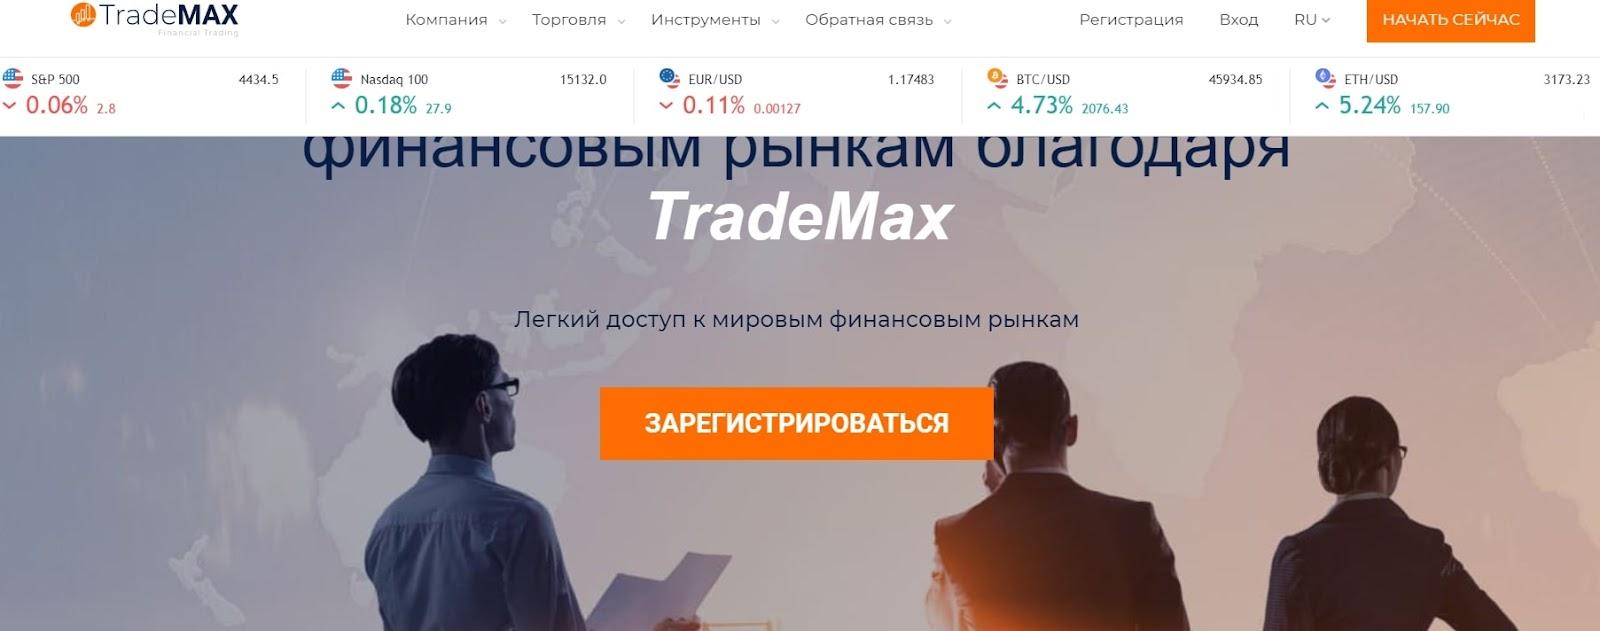 Отзывы о брокере TradeMax: какое мнение сложилось у трейдеров? реальные отзывы